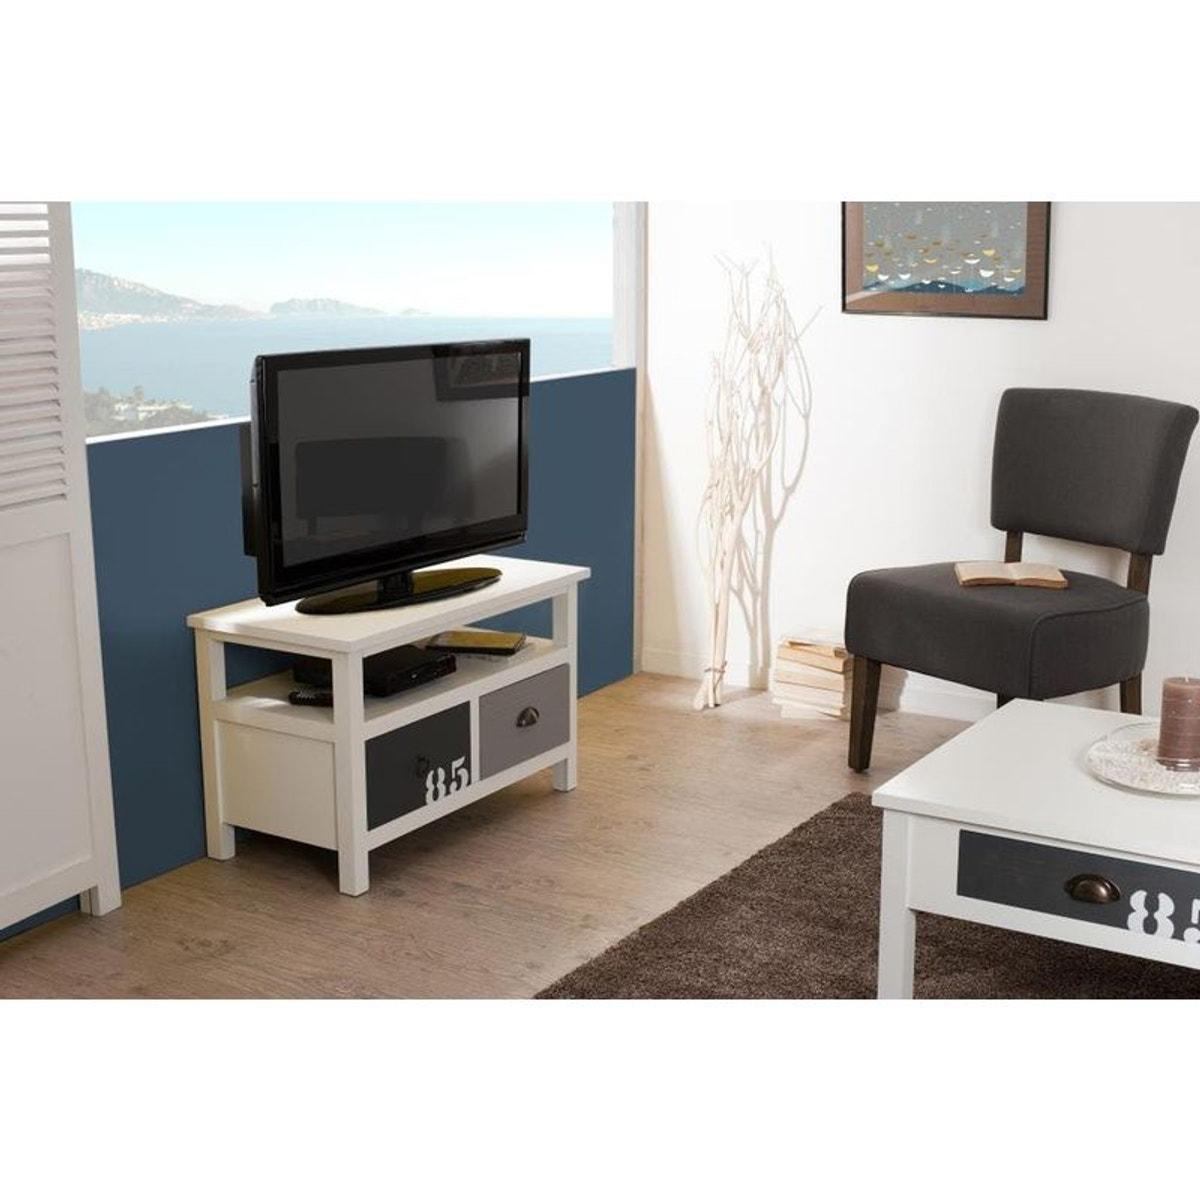 Meuble Tv 80cm Bois Blanc Et Gris 2 Tiroirs Style Bord De Mer Milo